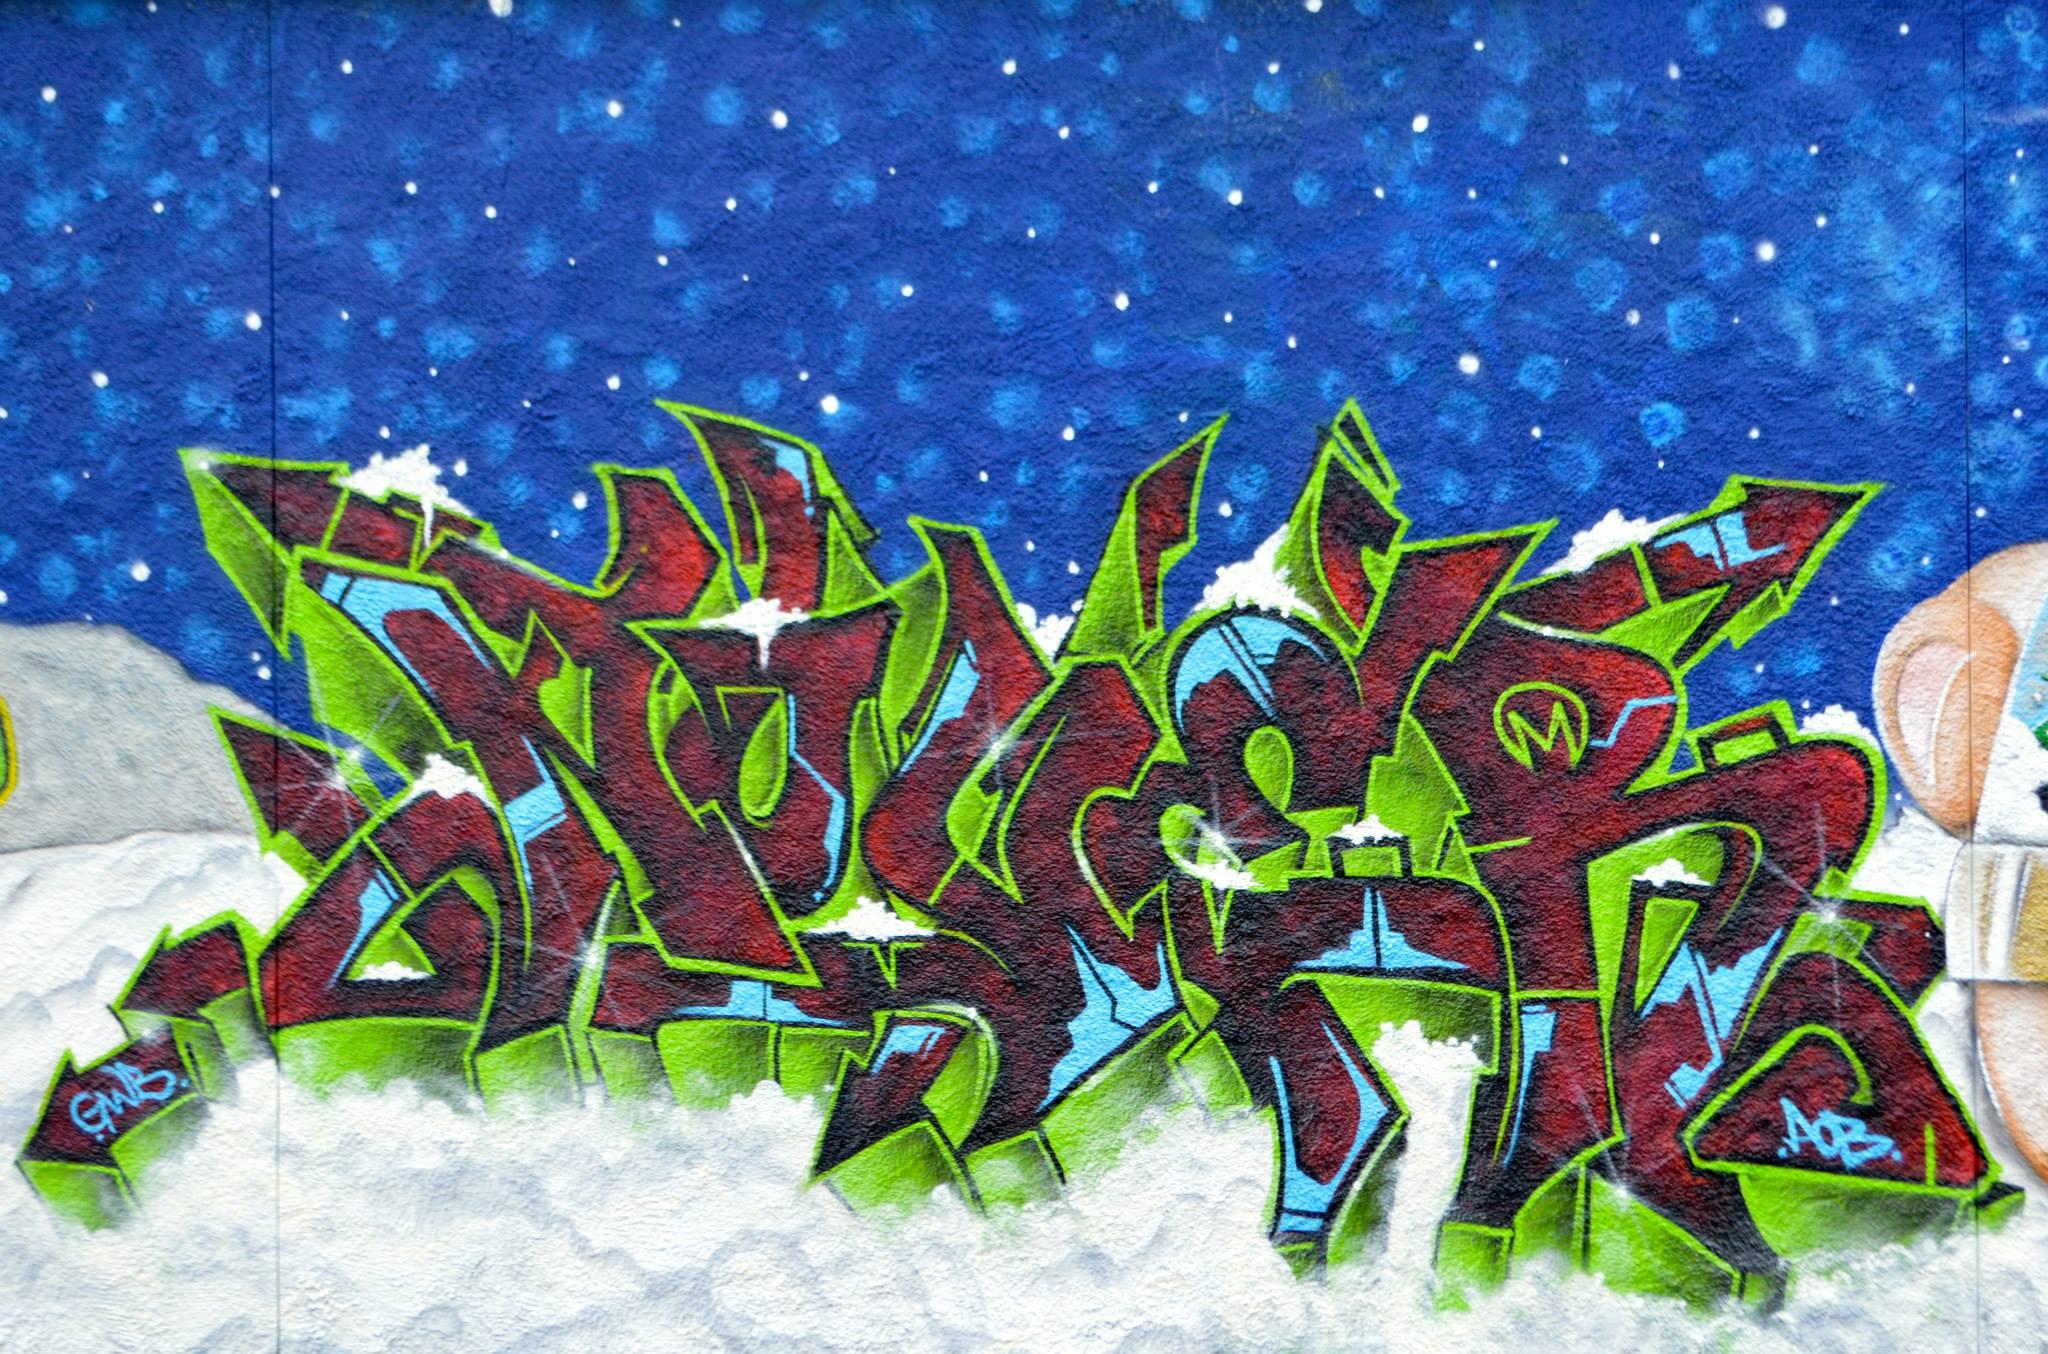 NOVER, Christmas Theme, Toms River, NJ. 2014.